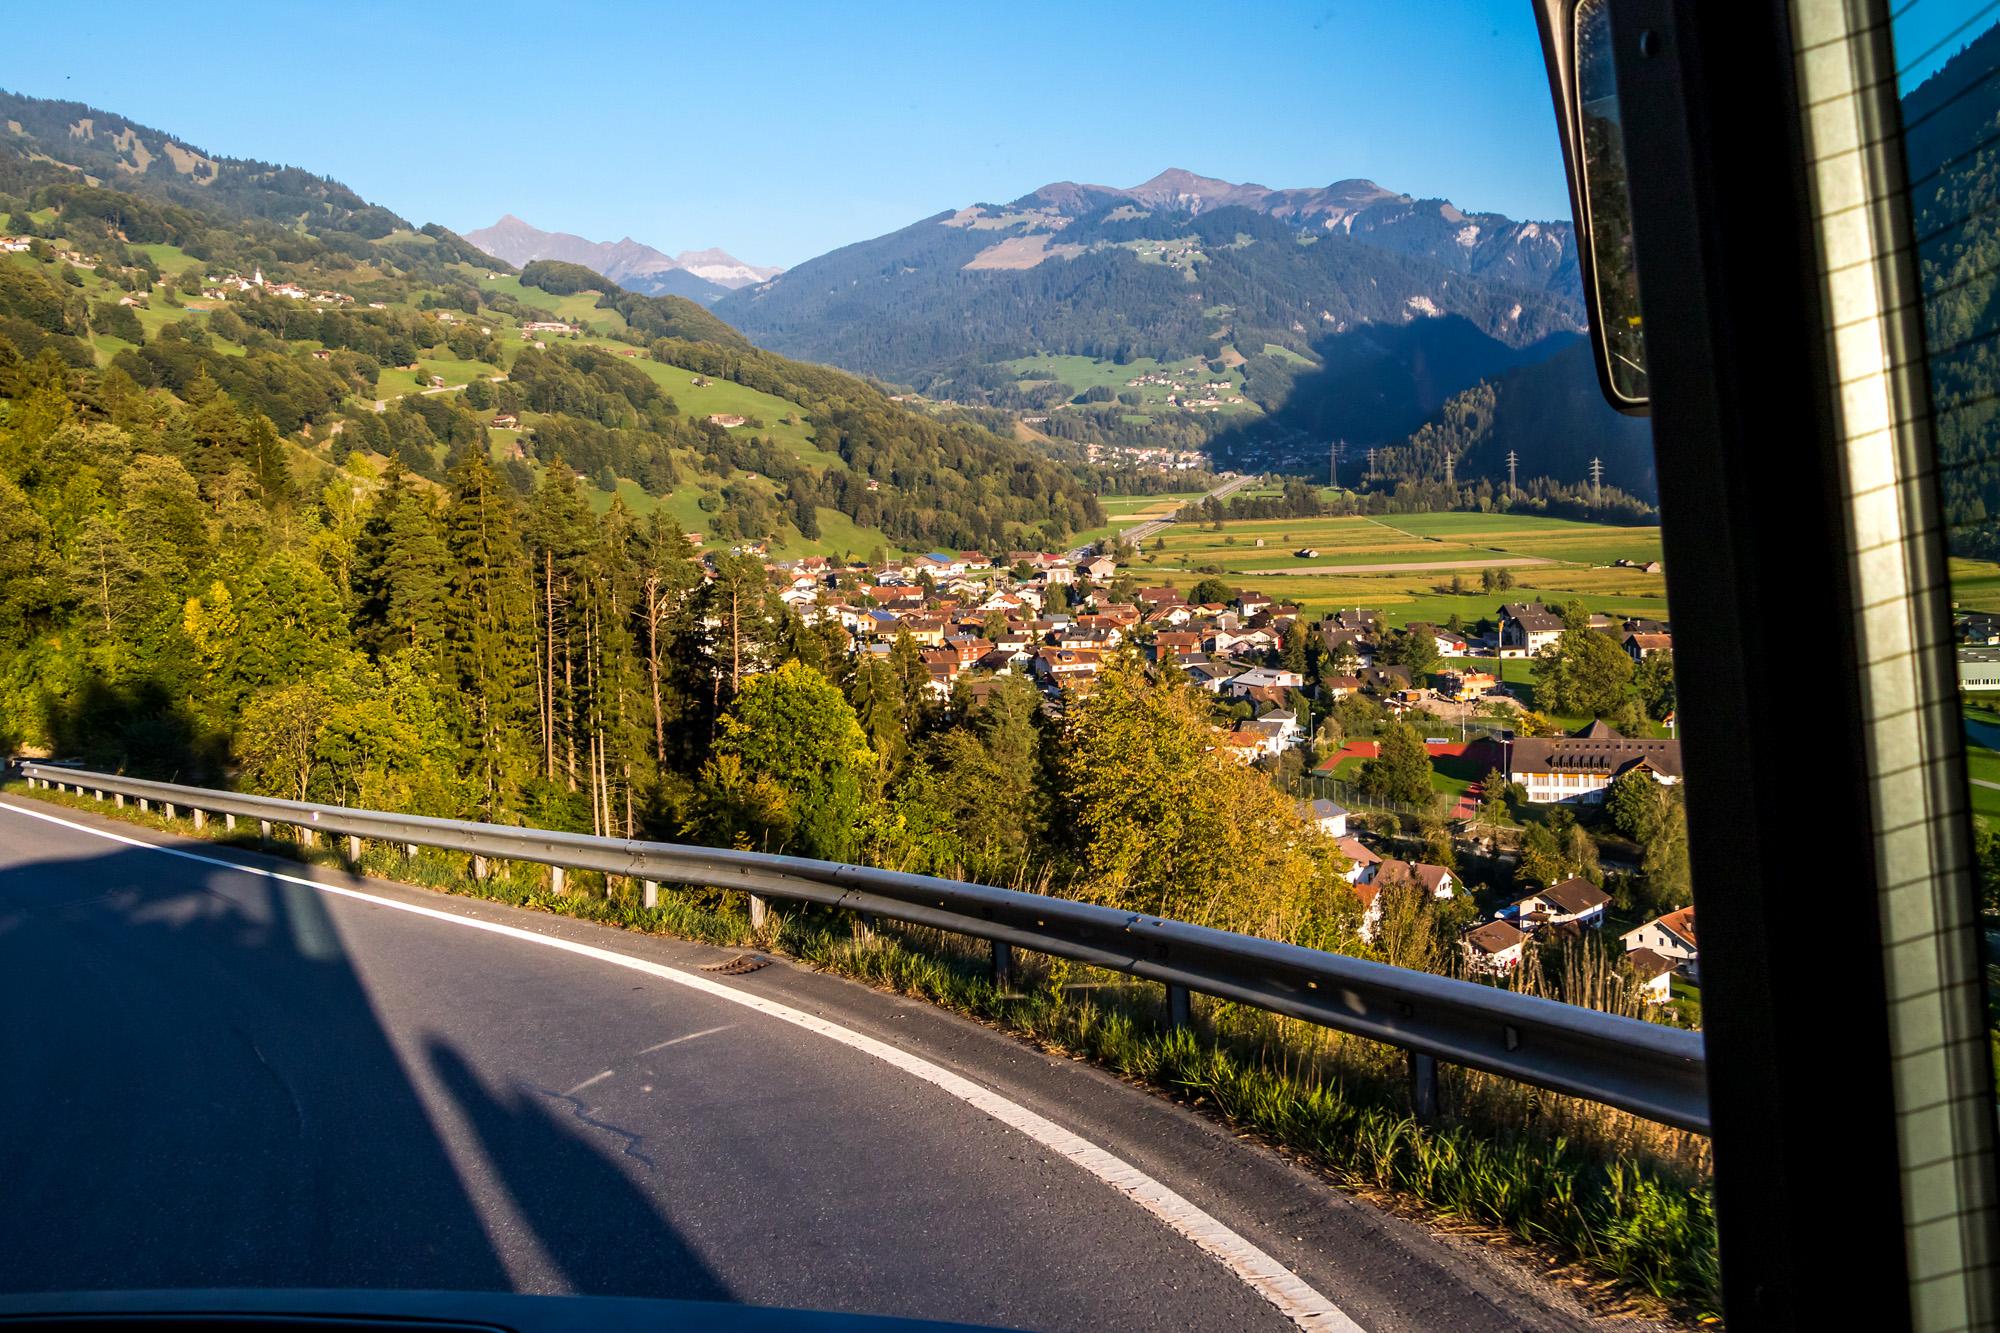 Nach dem Halt in Seewis geht's zurück ins Tal...